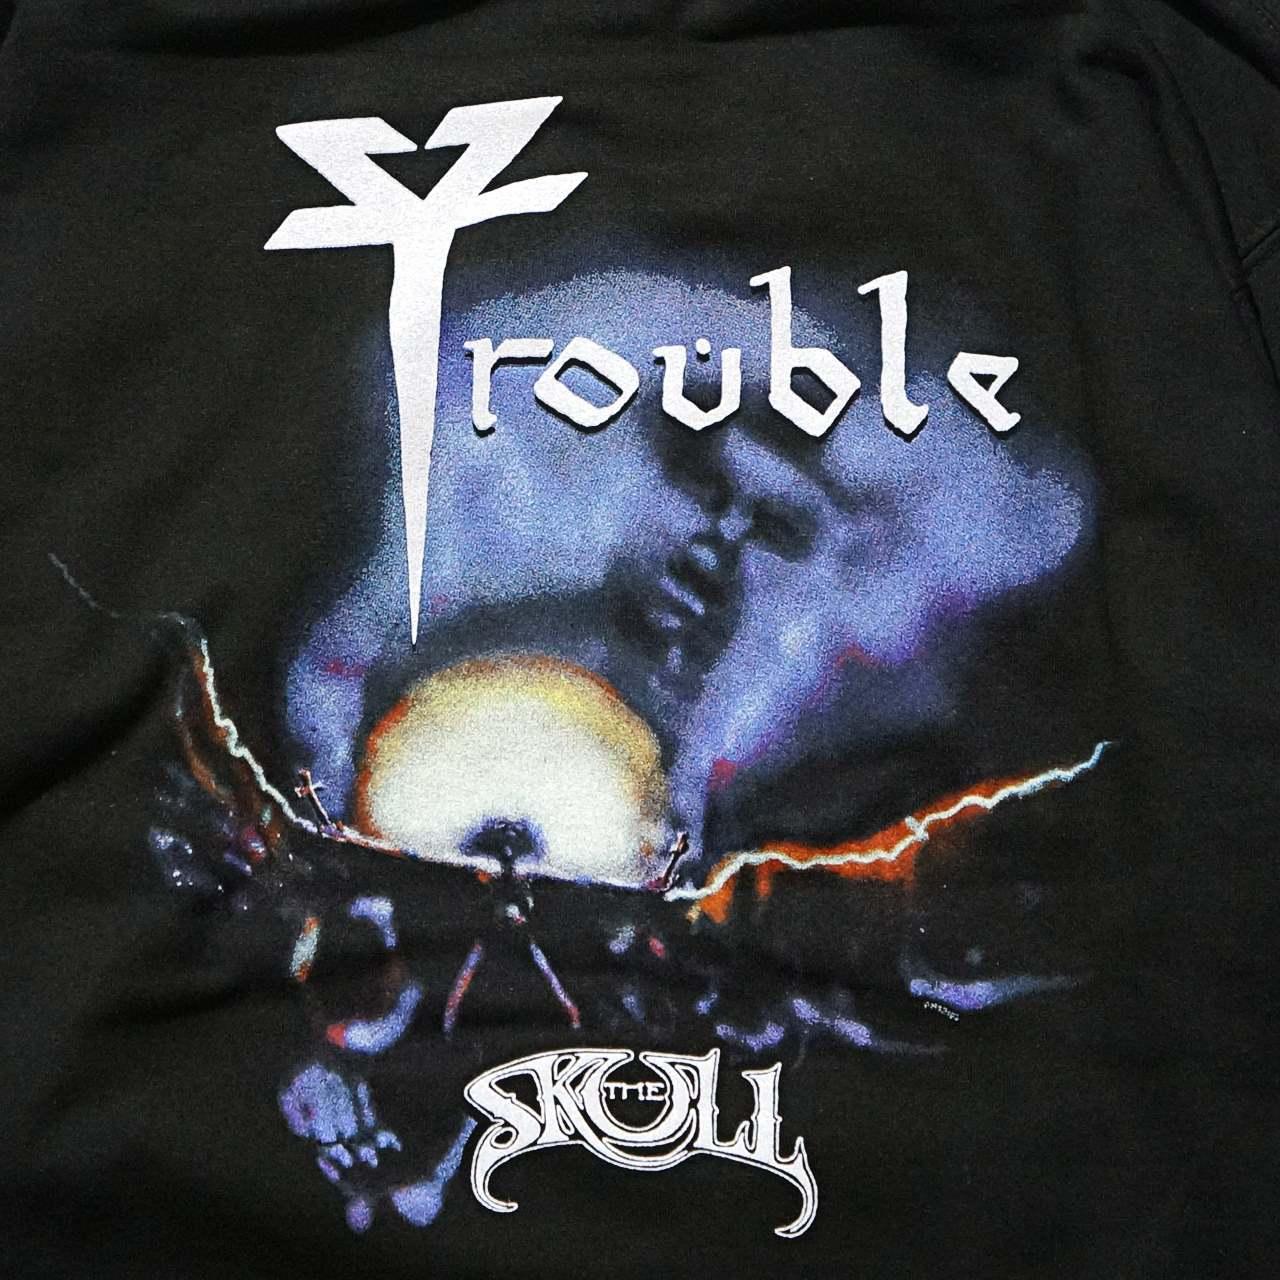 TROUBLE バンド ジップアップ・パーカー The Skull-Black